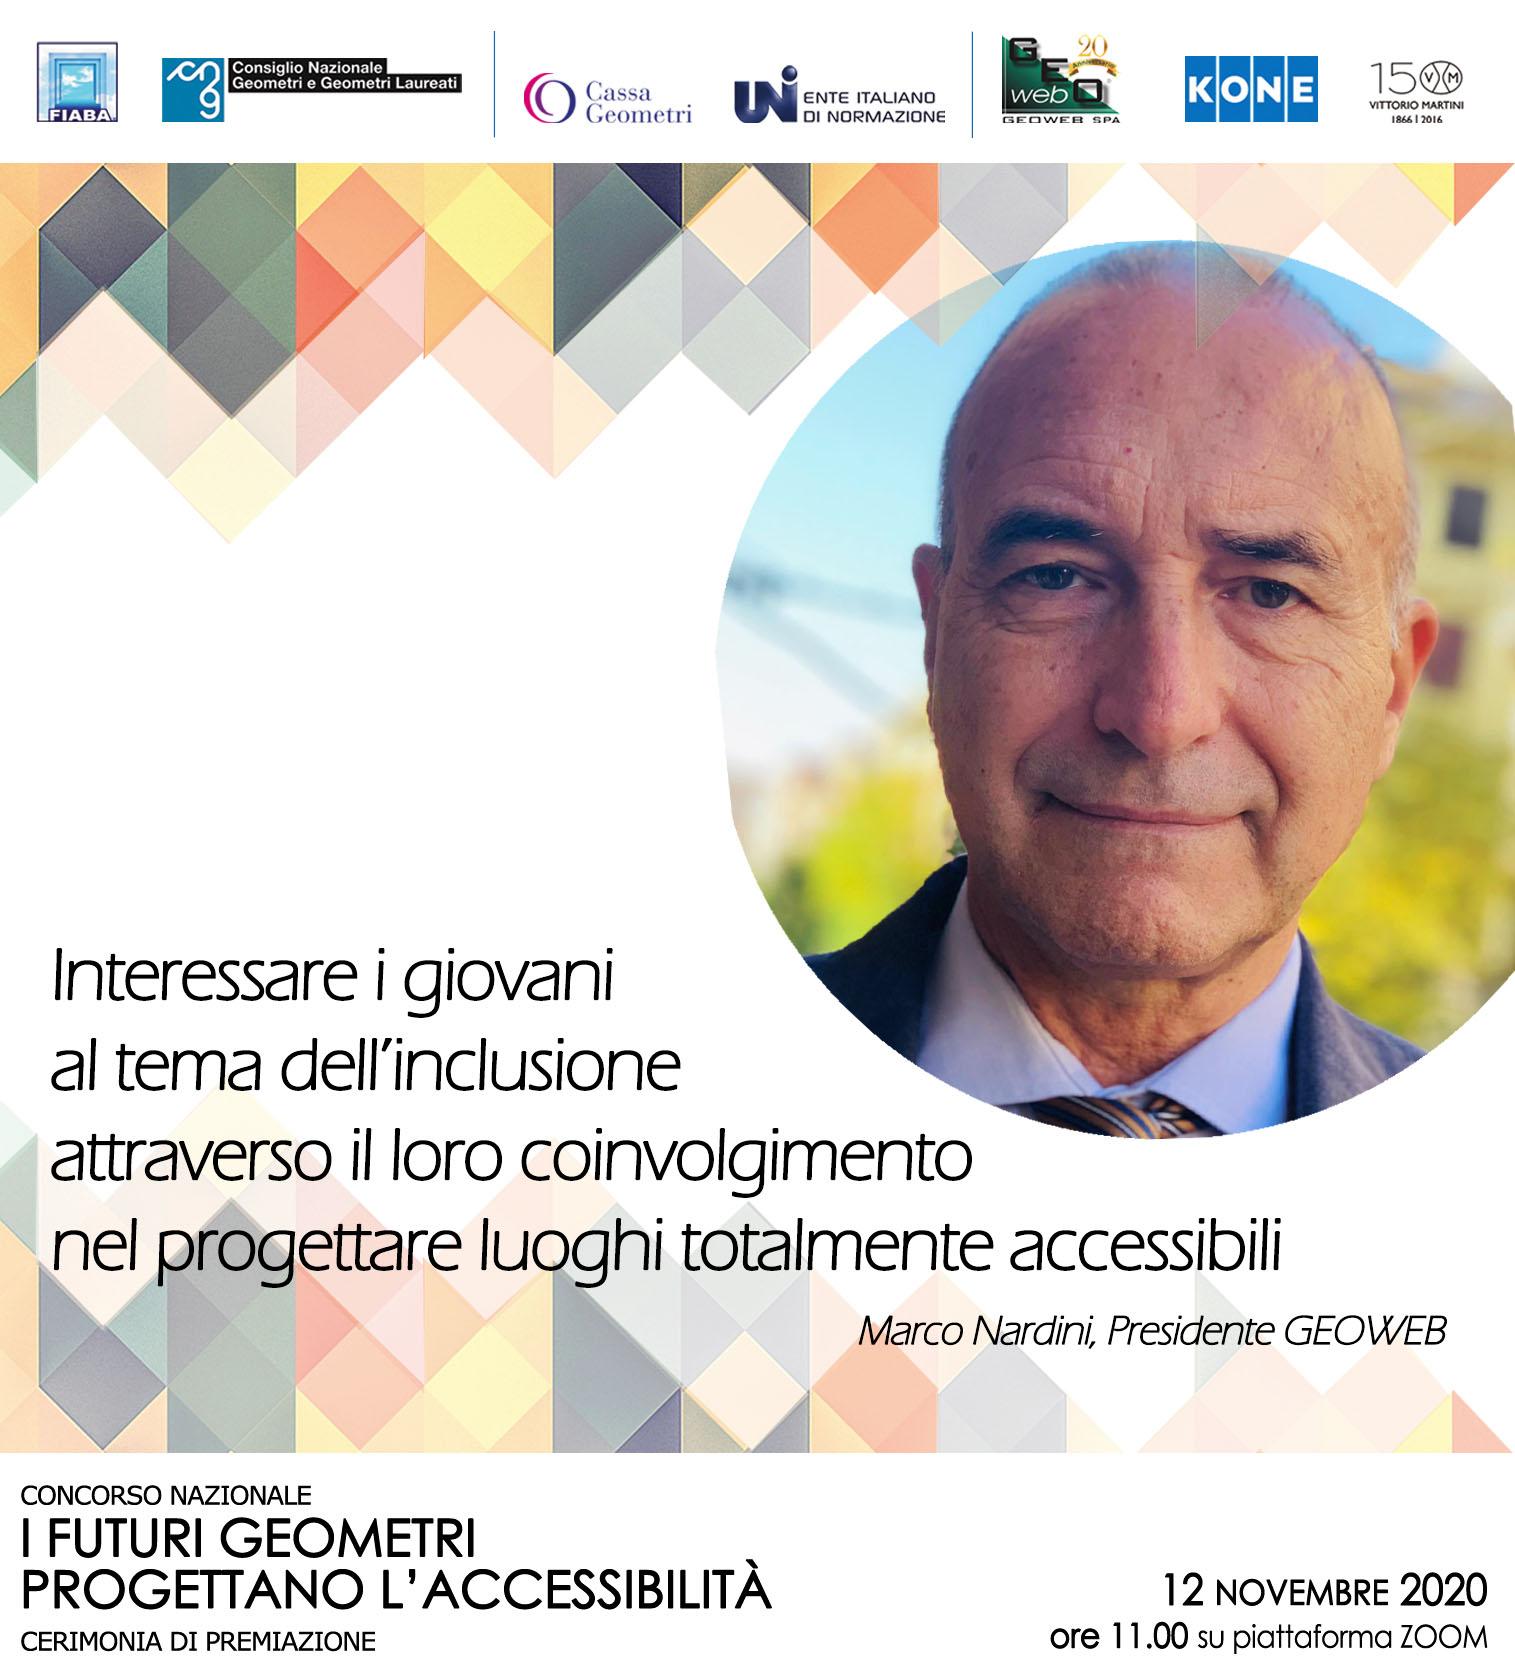 """Immagini con foto a destra di Marco Nardini, Presidente GEOWEB, con la frase a sinistra della foto """"Interessare i giovani al tema dell'inclusione attraverso il loro coinvolgimento nel progettare luoghi totalmente accessibili"""""""